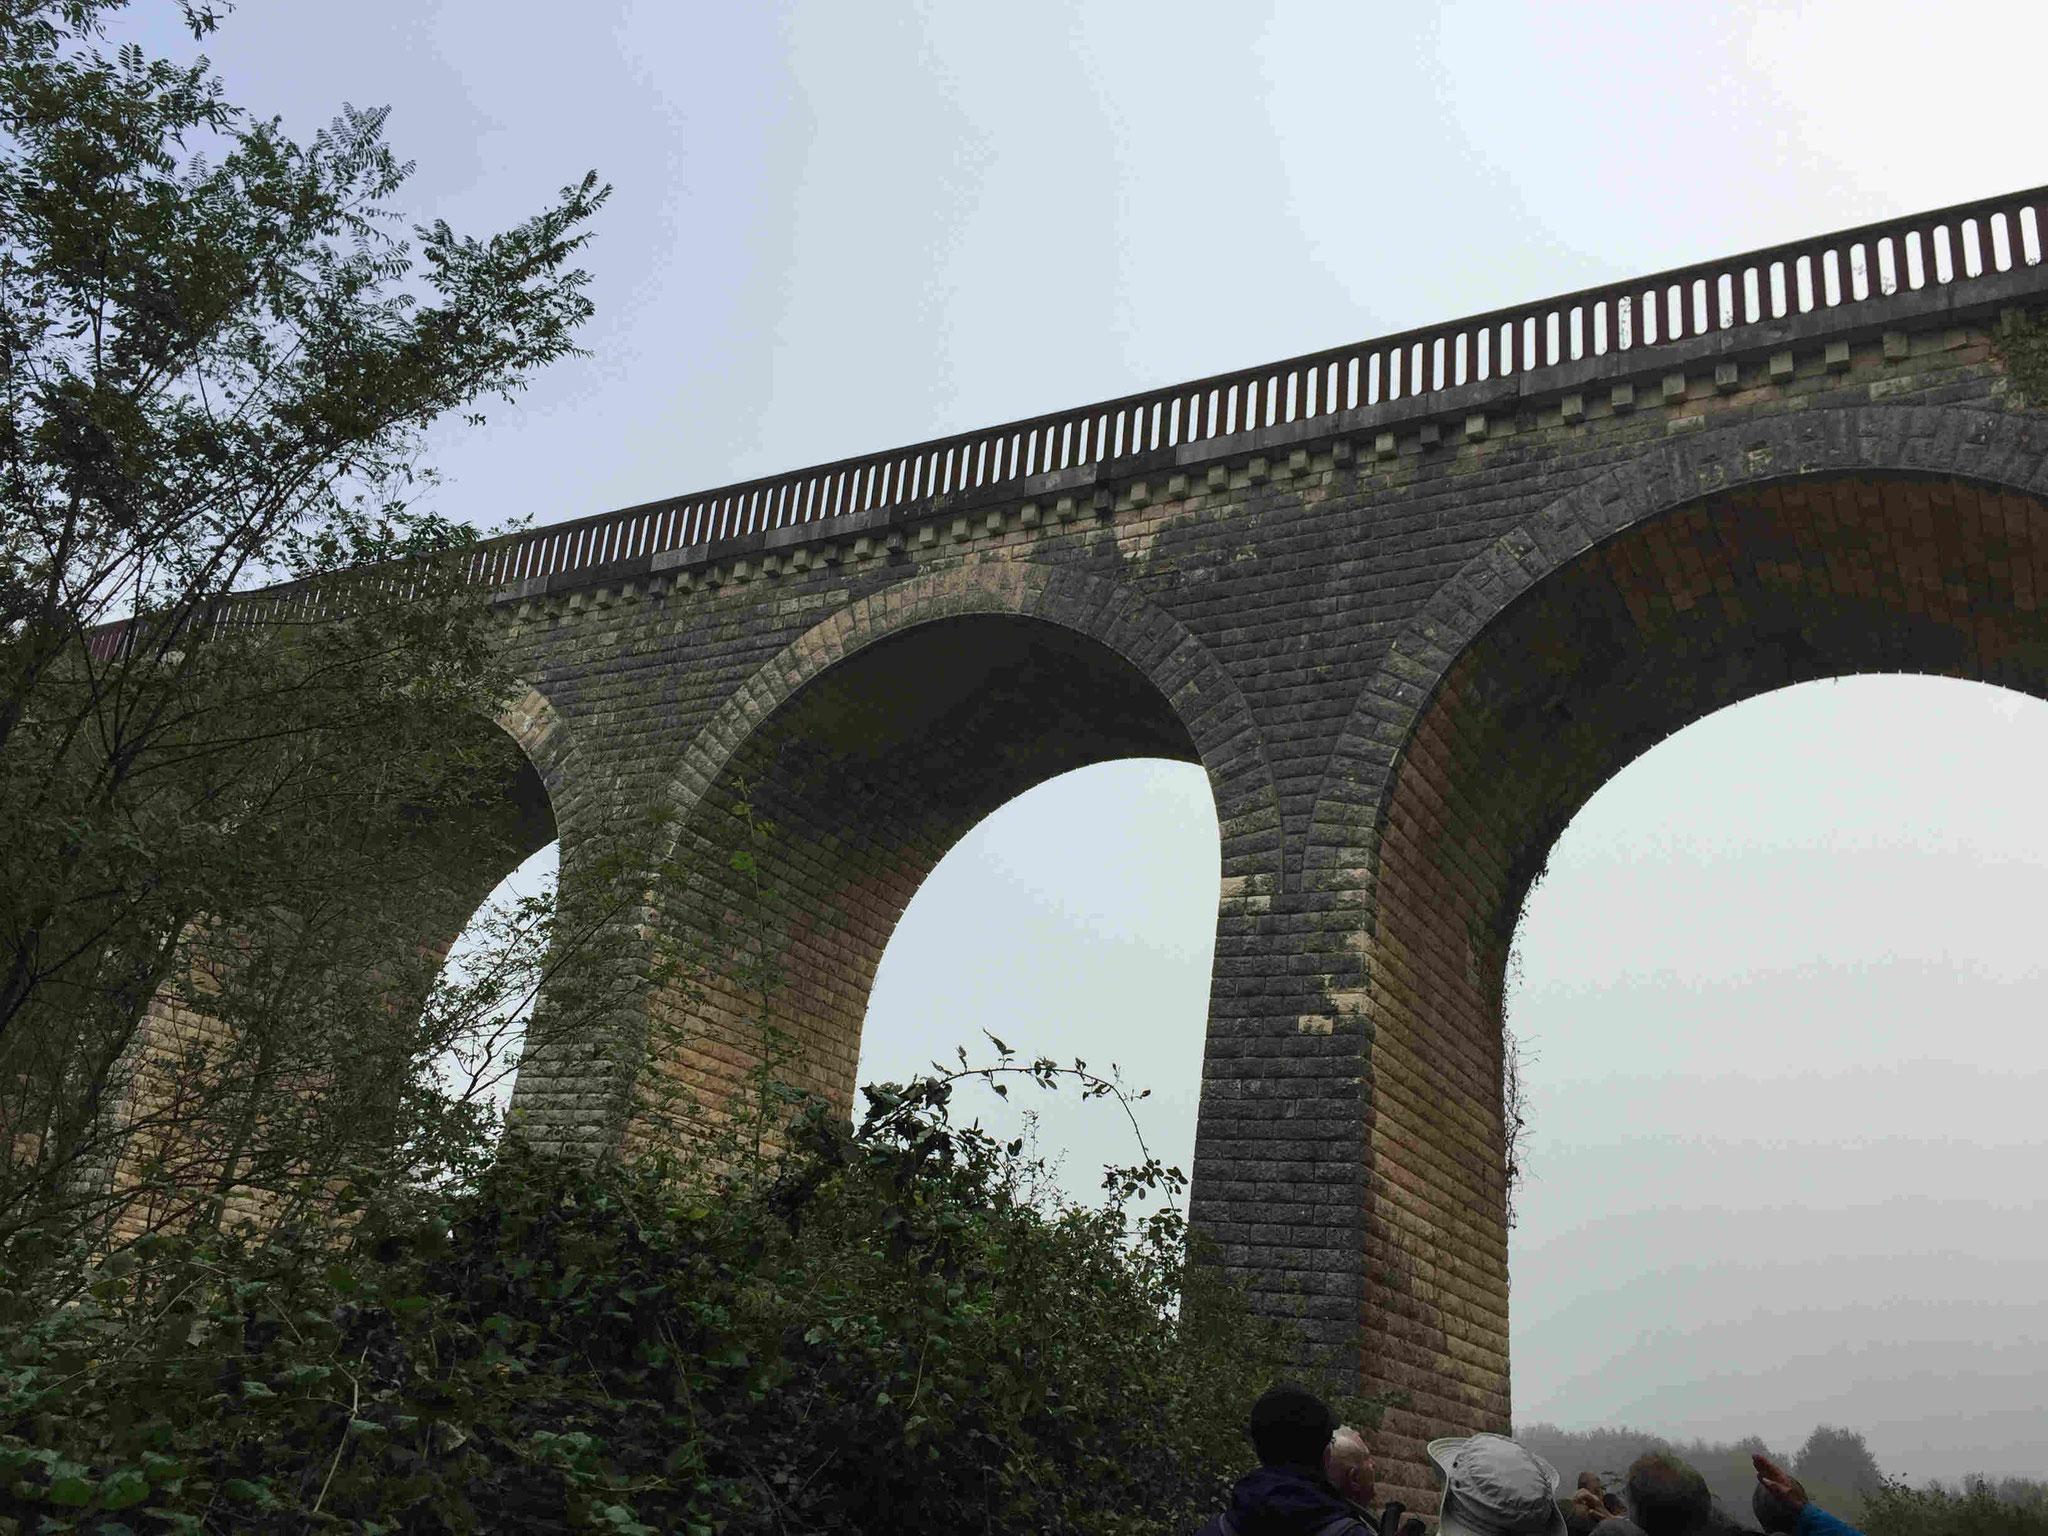 Le viaduc de la ligne de chemin de fer Lussac-les -Châteaux - Charroux